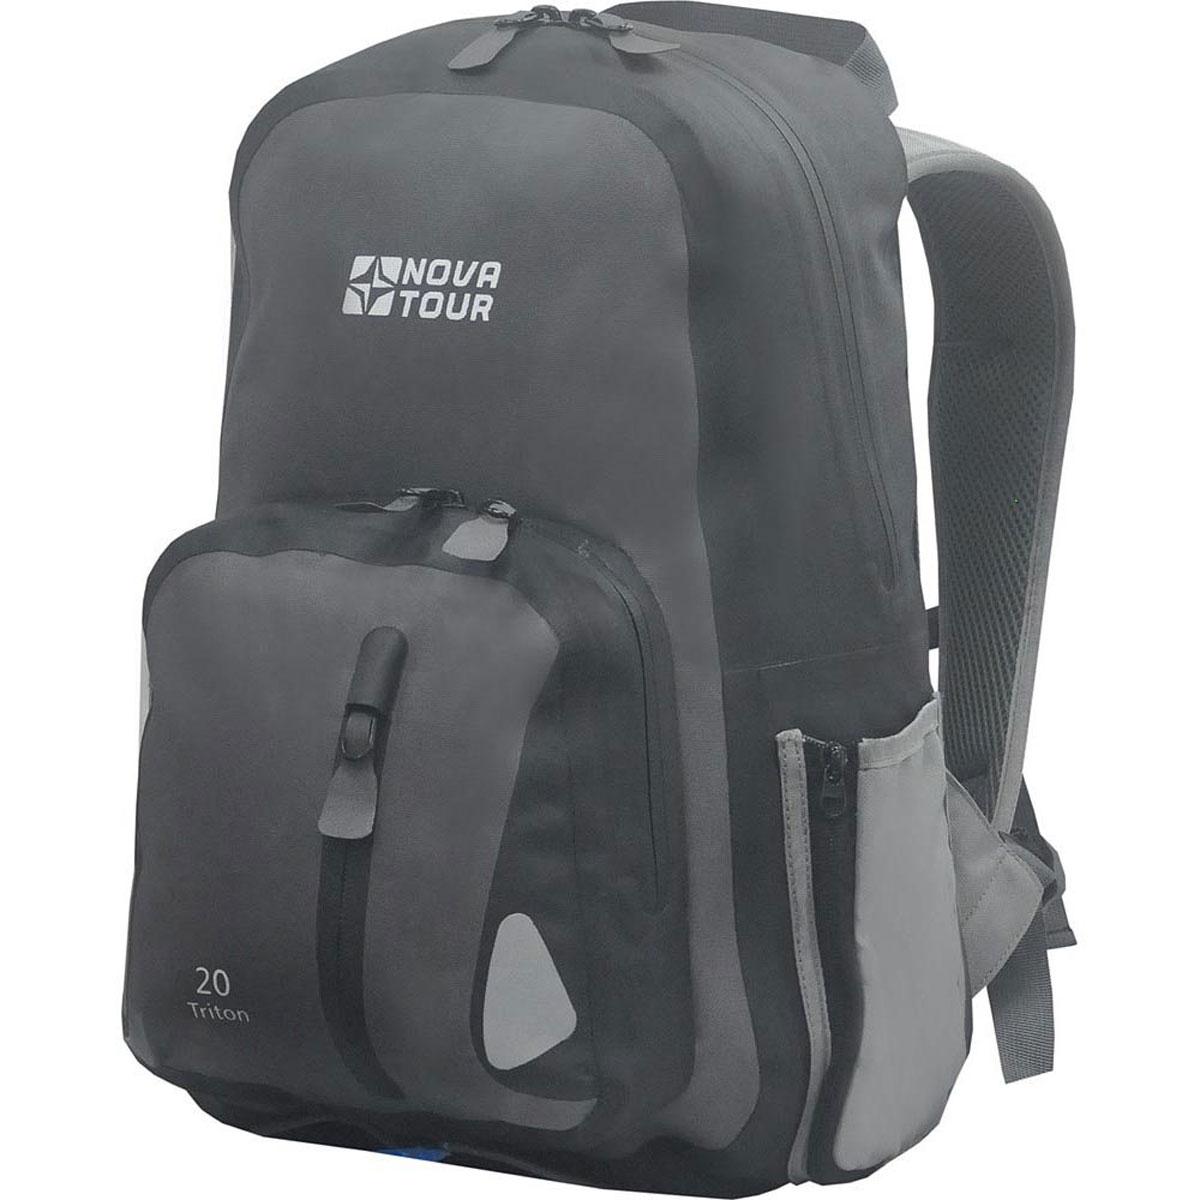 Рюкзак водонепроницаемый Nova Tour Тритон 20, цвет: серый. 95141-906-0095141-906-00Компактный рюкзак для ношения спортивной одежды и всего необходимого для тренировок на свежем воздухе. Вам больше не нужно переживать по поводу содержимого рюкзака, если на велопрогулке застанет дождь – все молнии на рюкзаке водонепроницаемы. Объем: 20 литров.